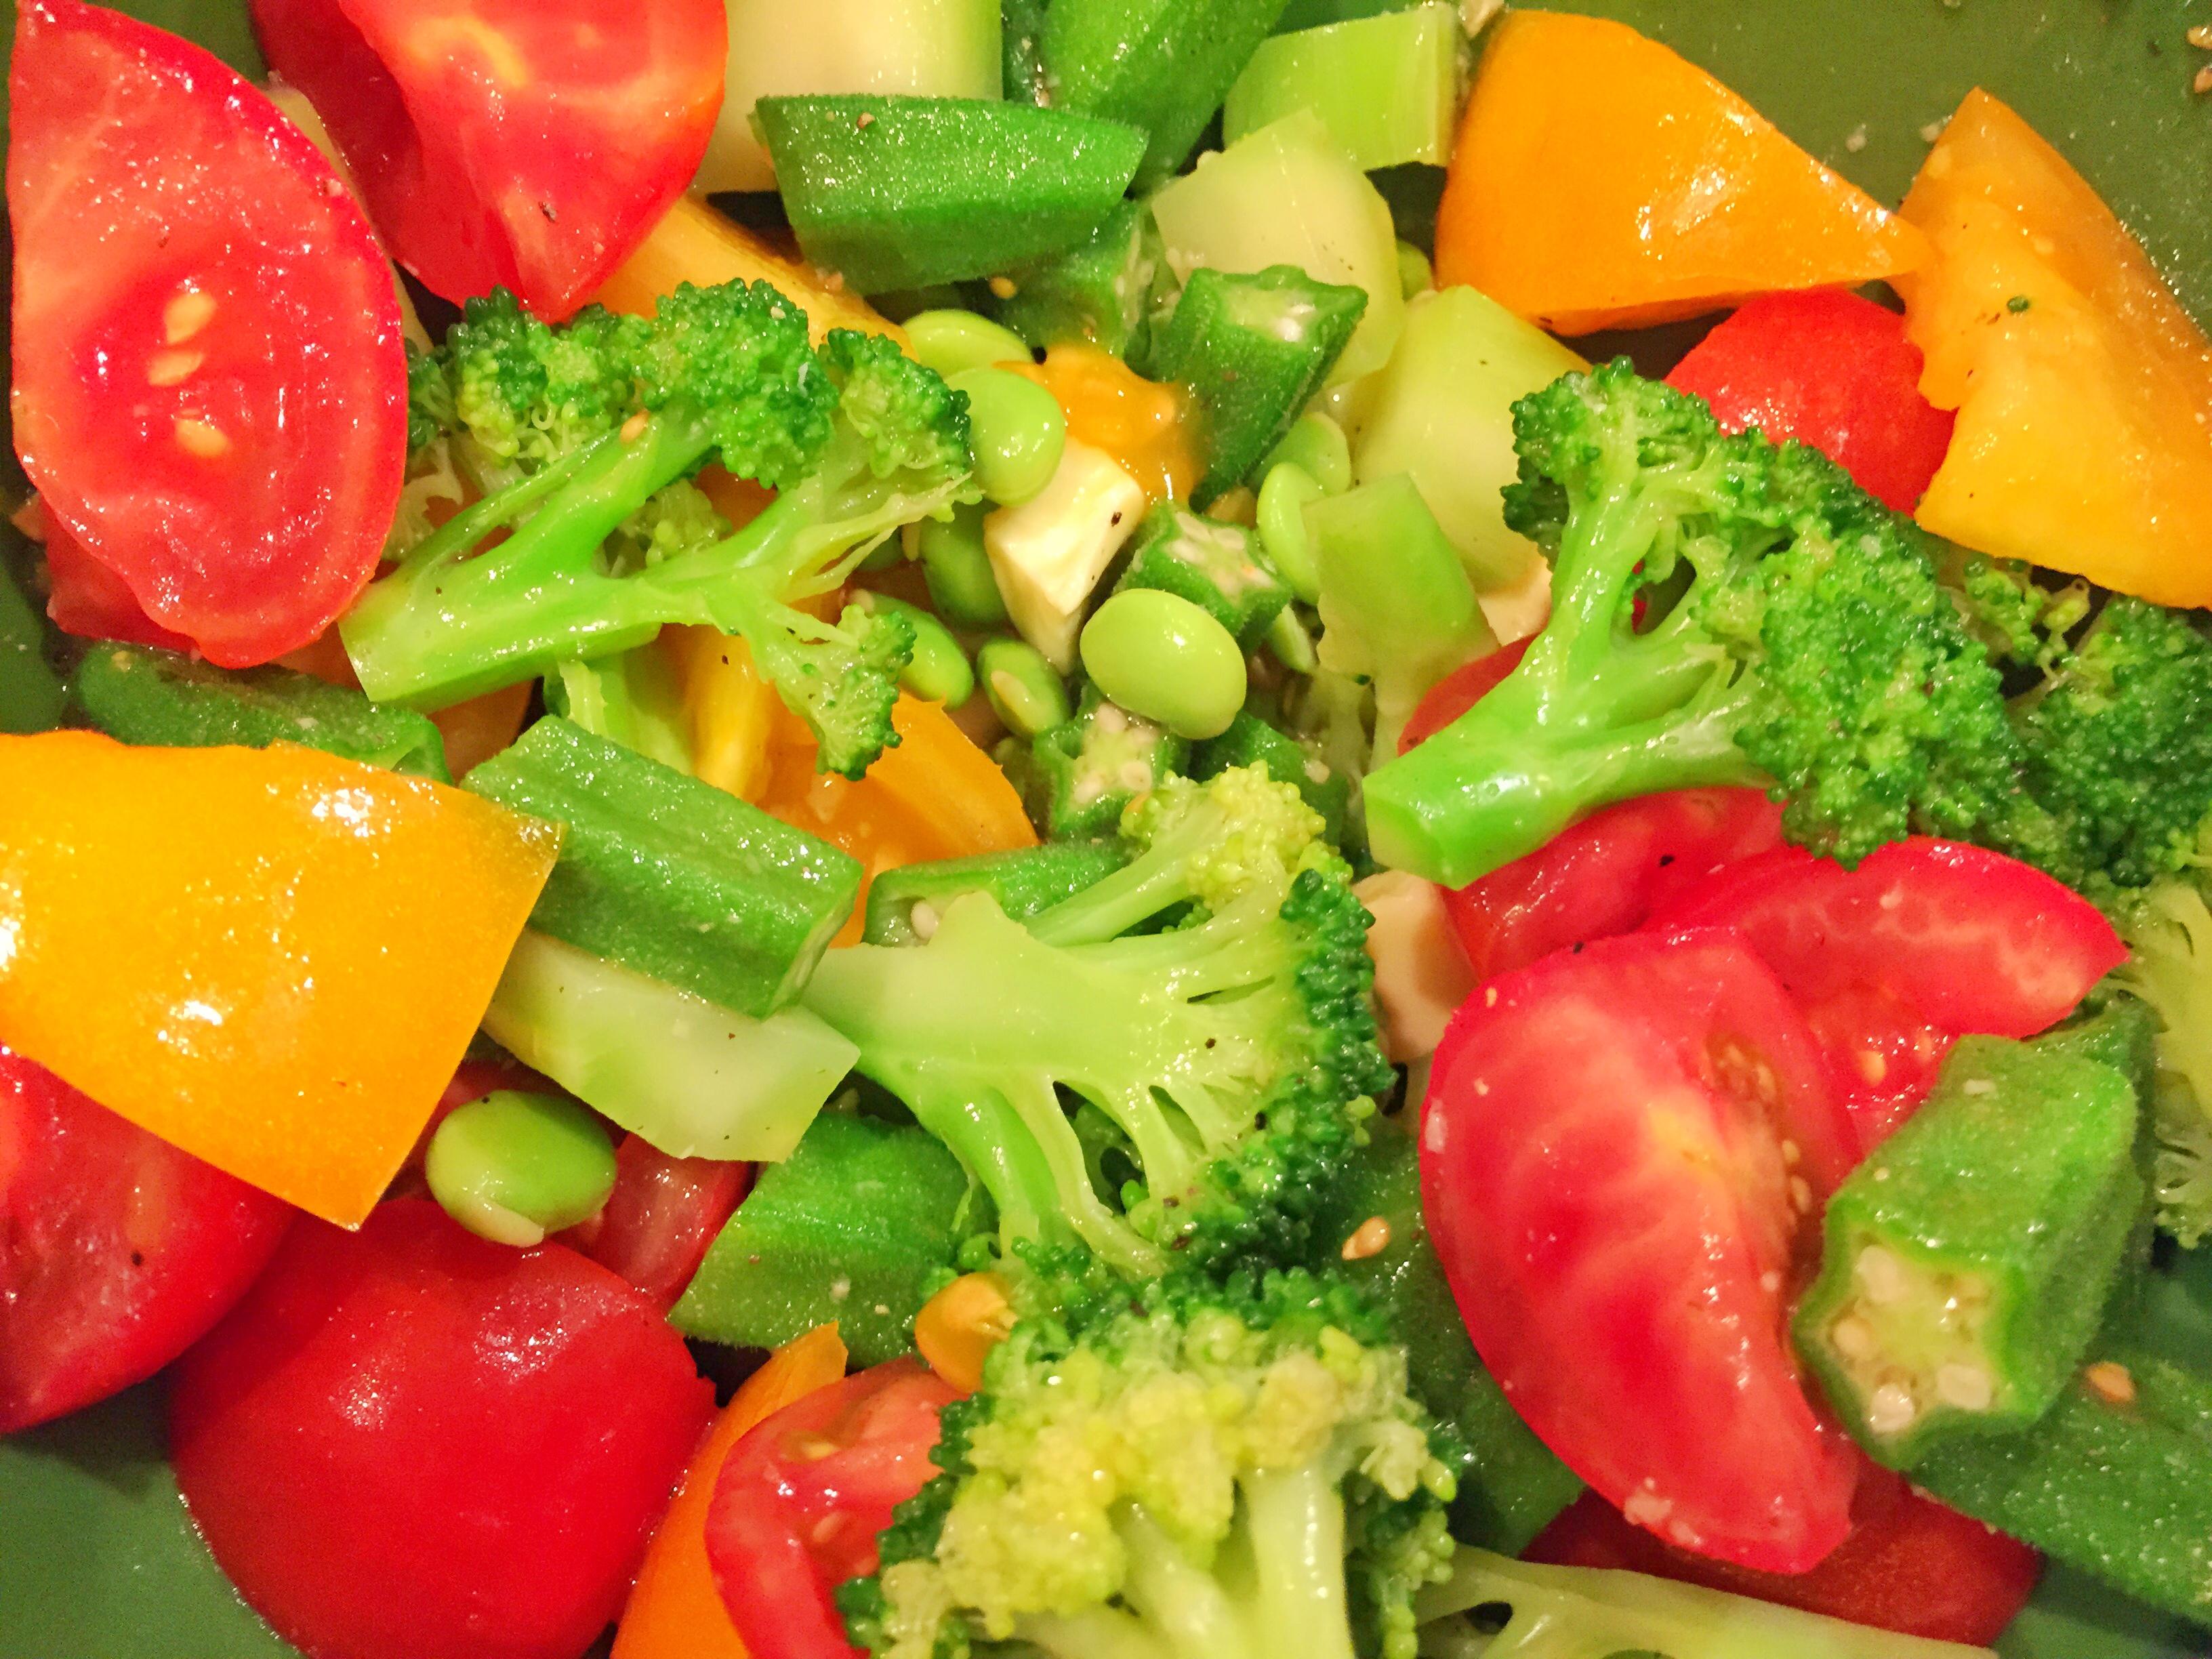 野菜とマリネ液をあわせる